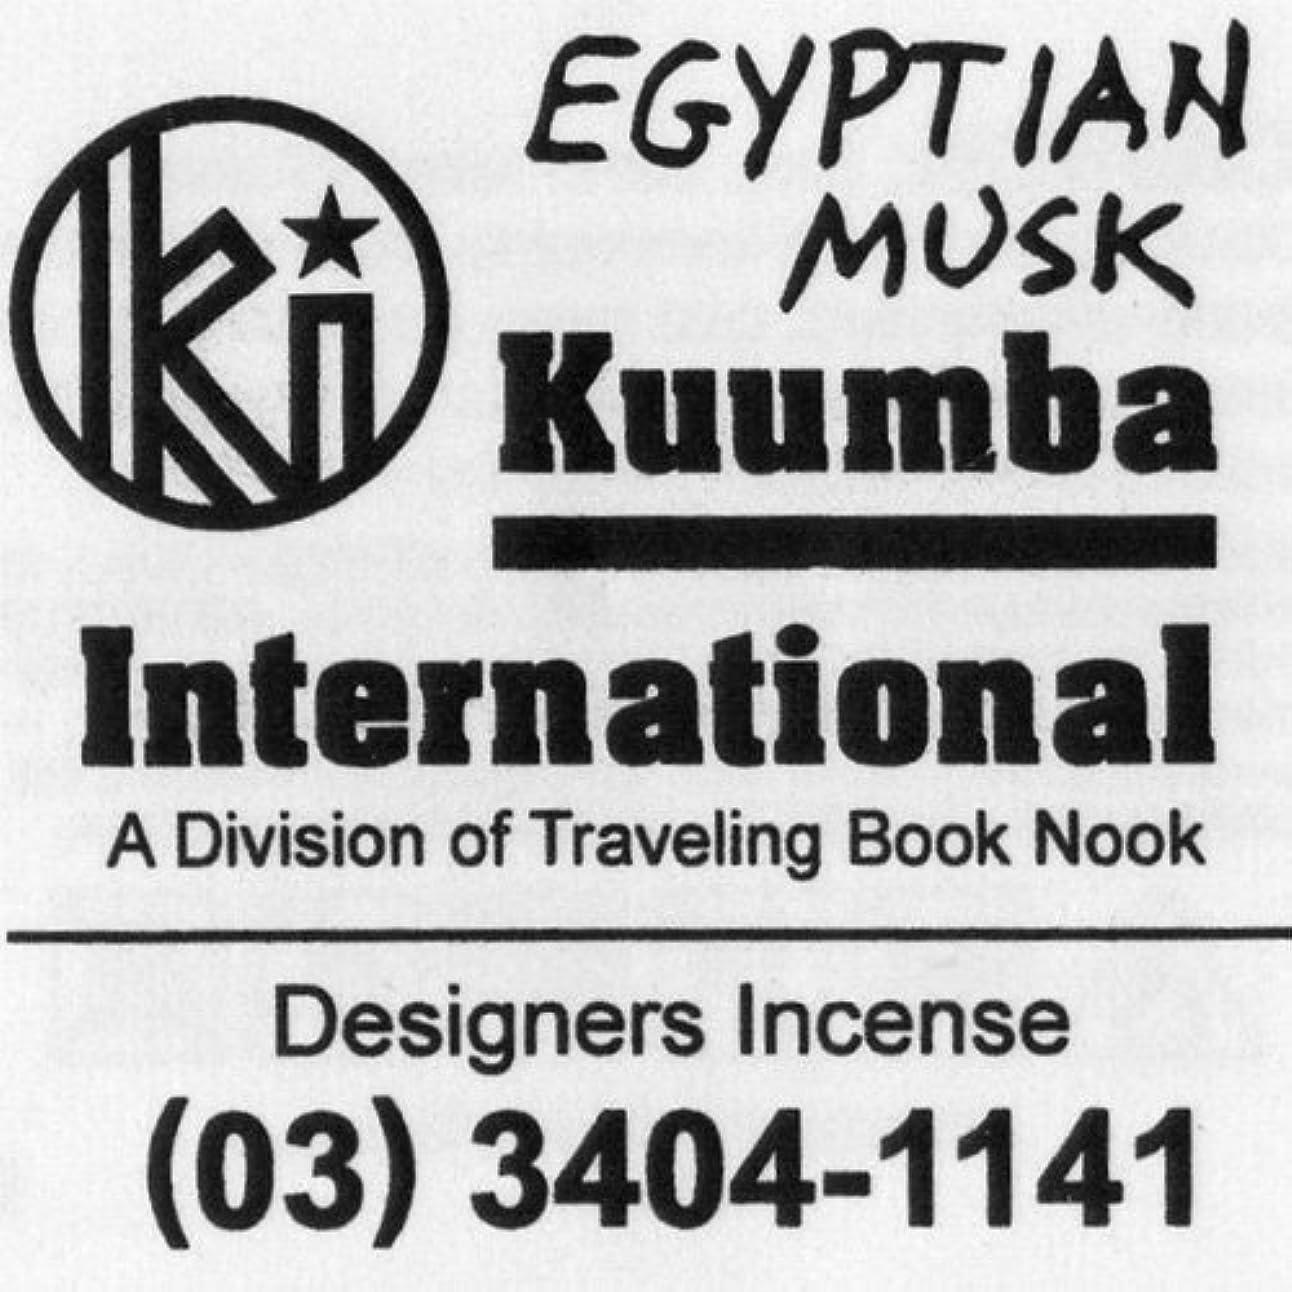 順応性散逸オペラKUUMBA / クンバ『incense』(EGYPTIAN MUSK) (Regular size)